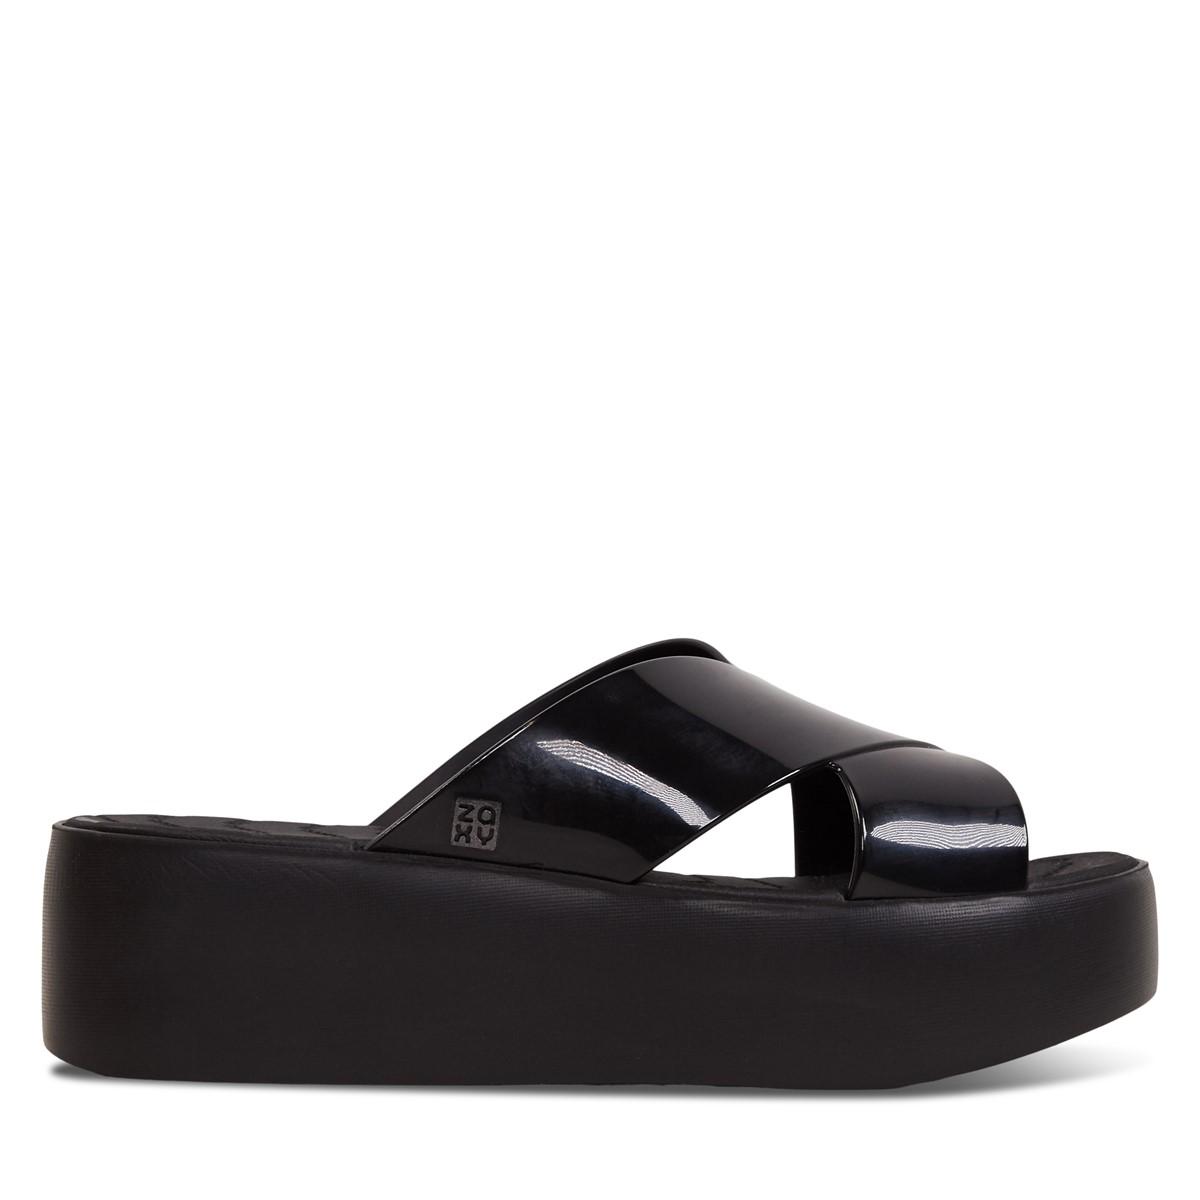 Women's 18095 Wonder Platform Sandals in Black